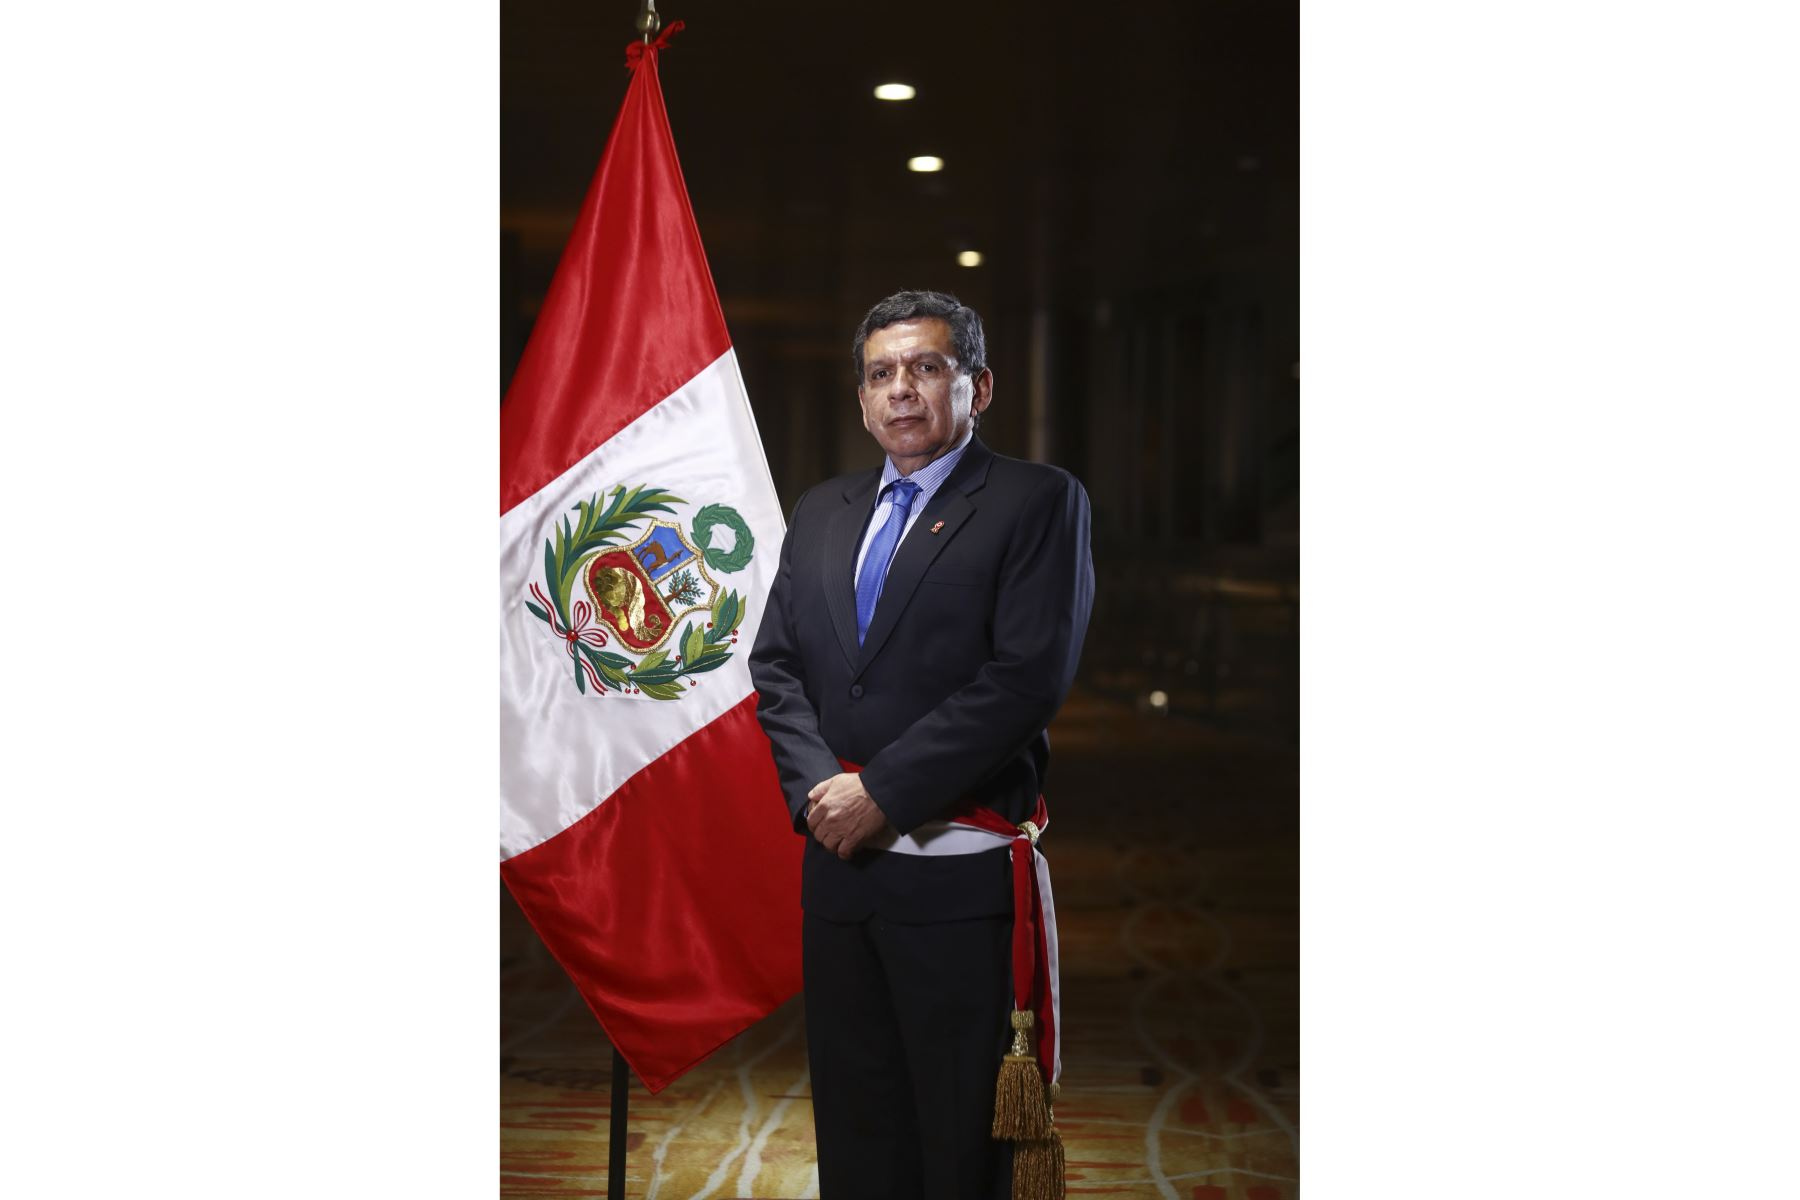 Este es el perfil del ministro de Salud, Hernando Cevallos